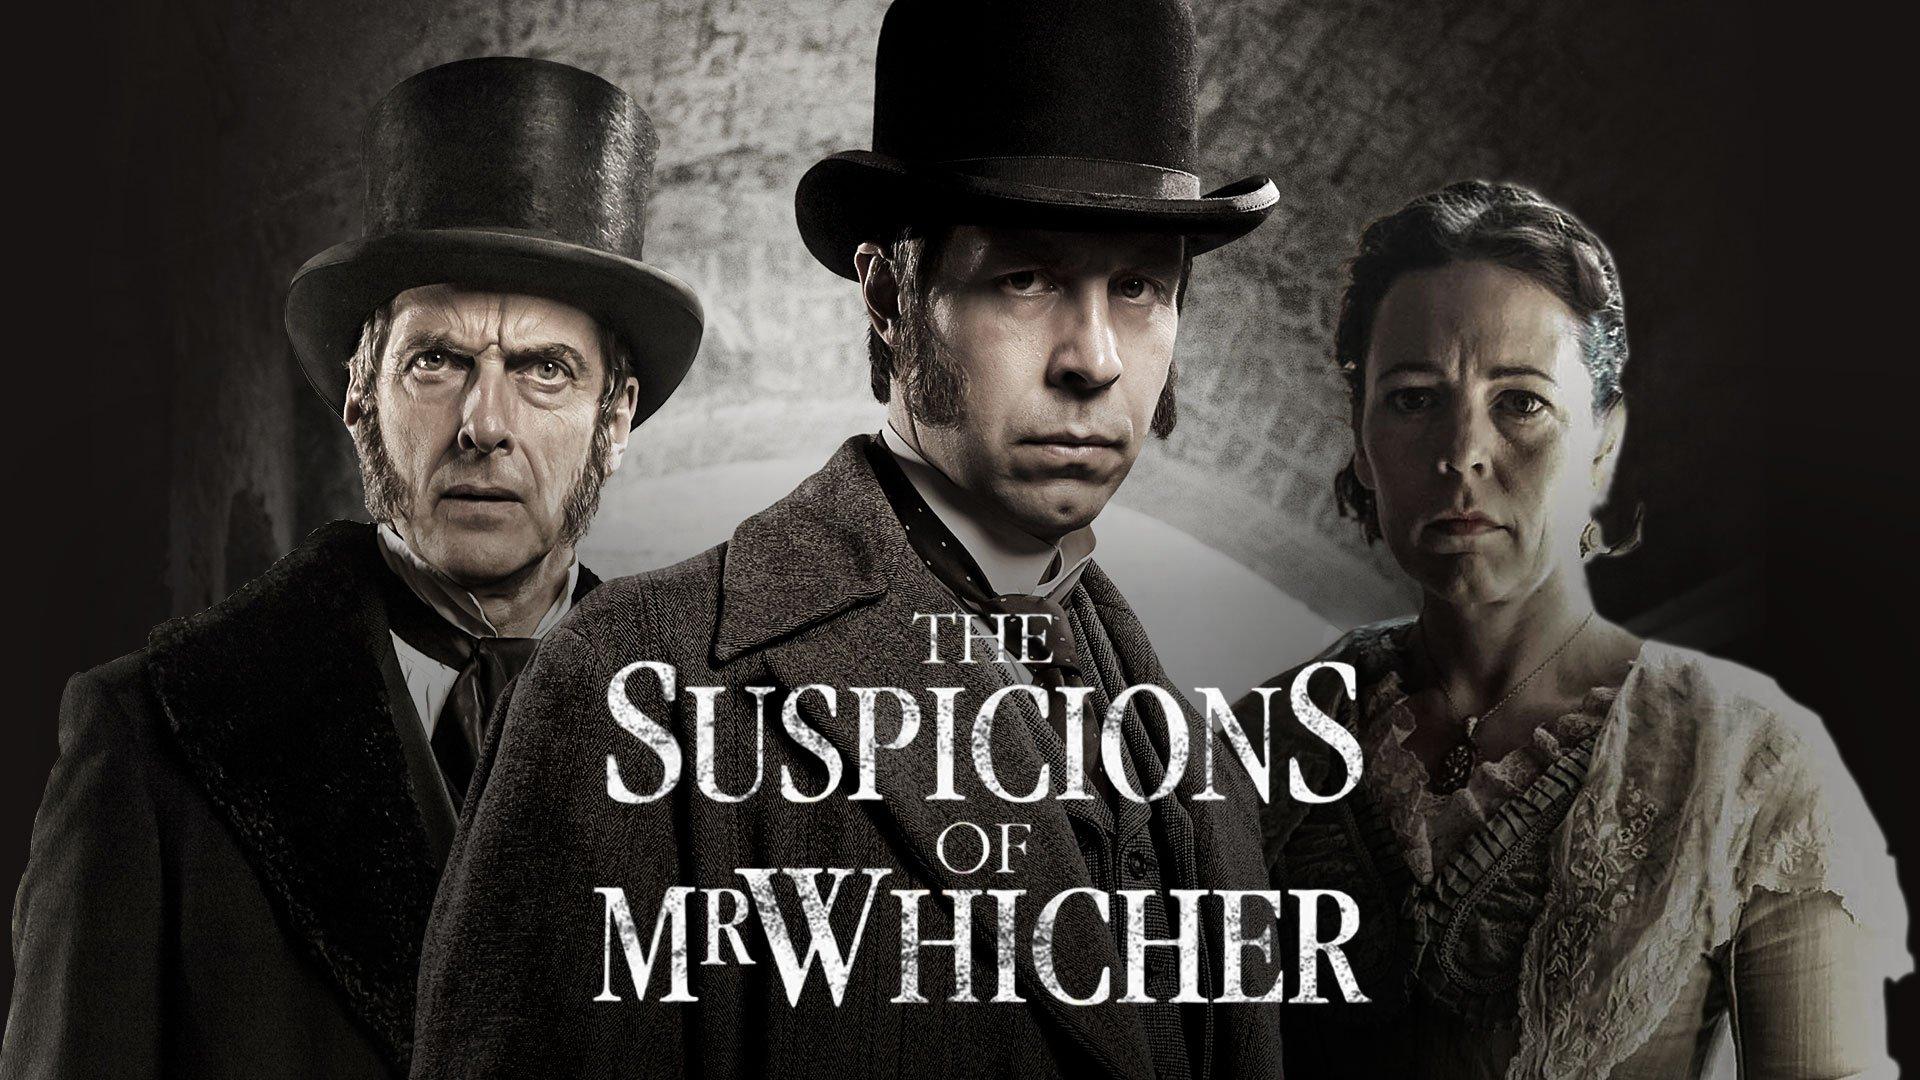 The Suspicions of Mr Whicher on BritBox UK